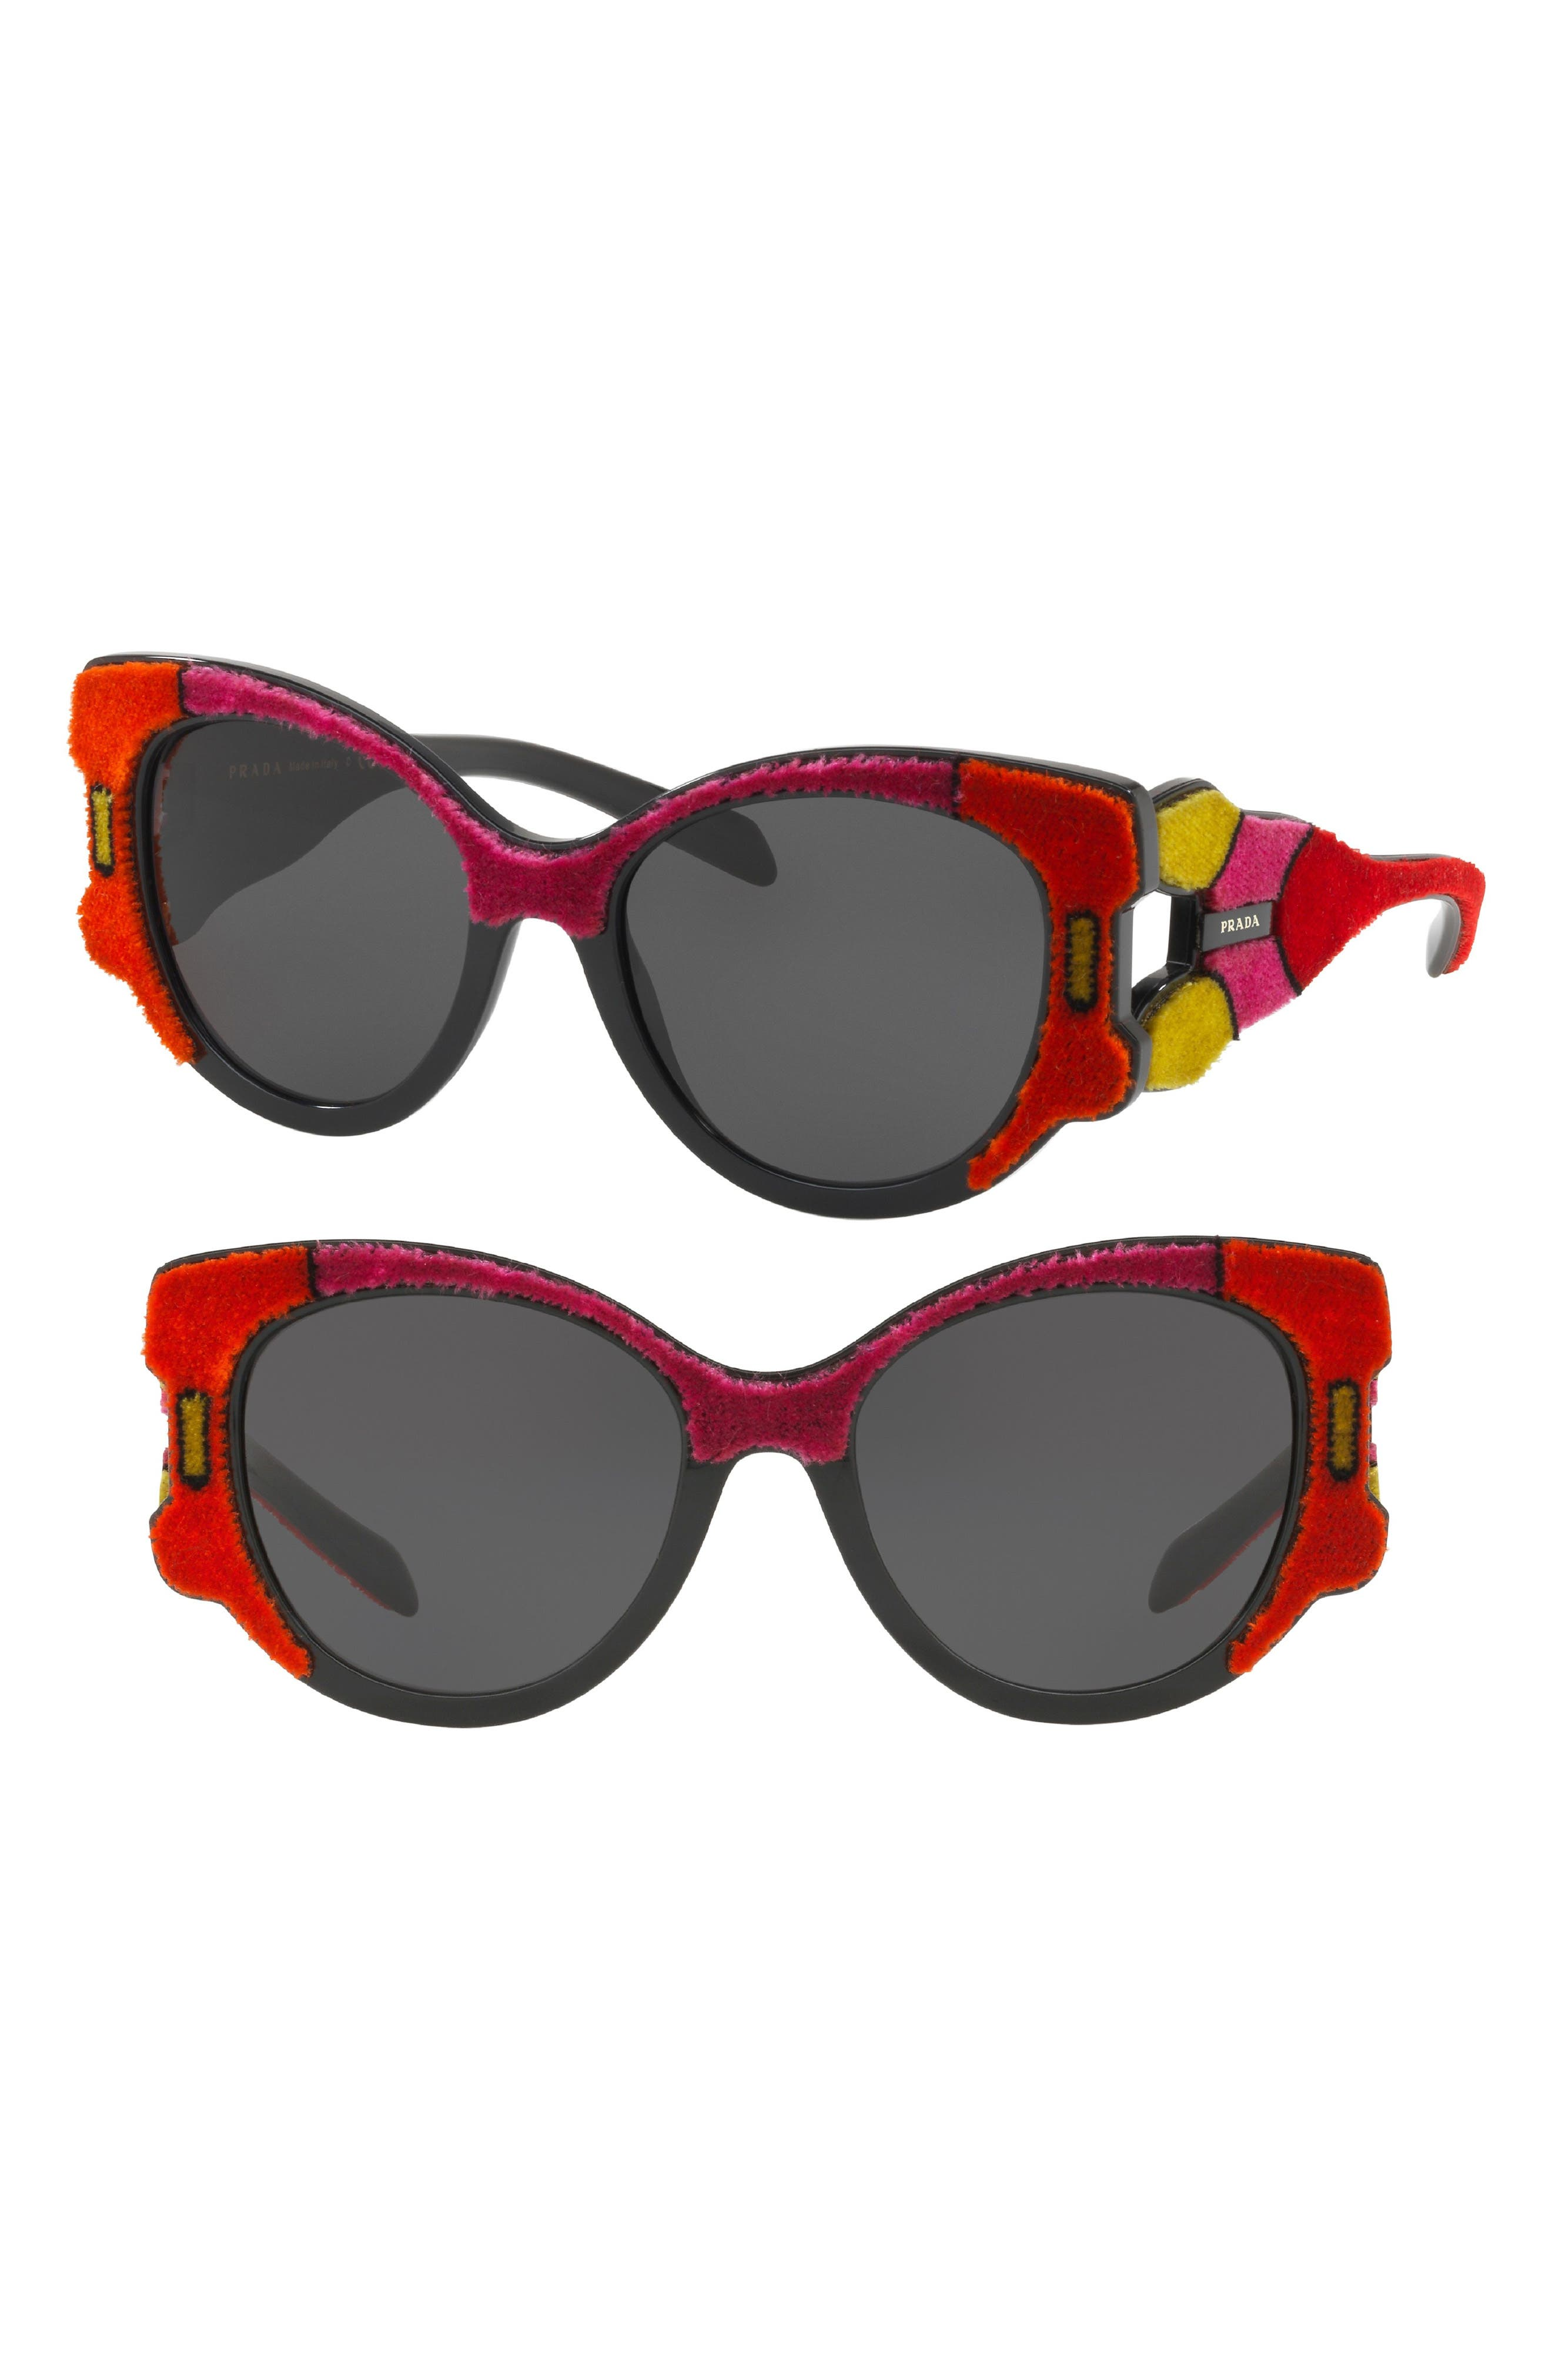 Prada 54mm Colorblock Round Sunglasses